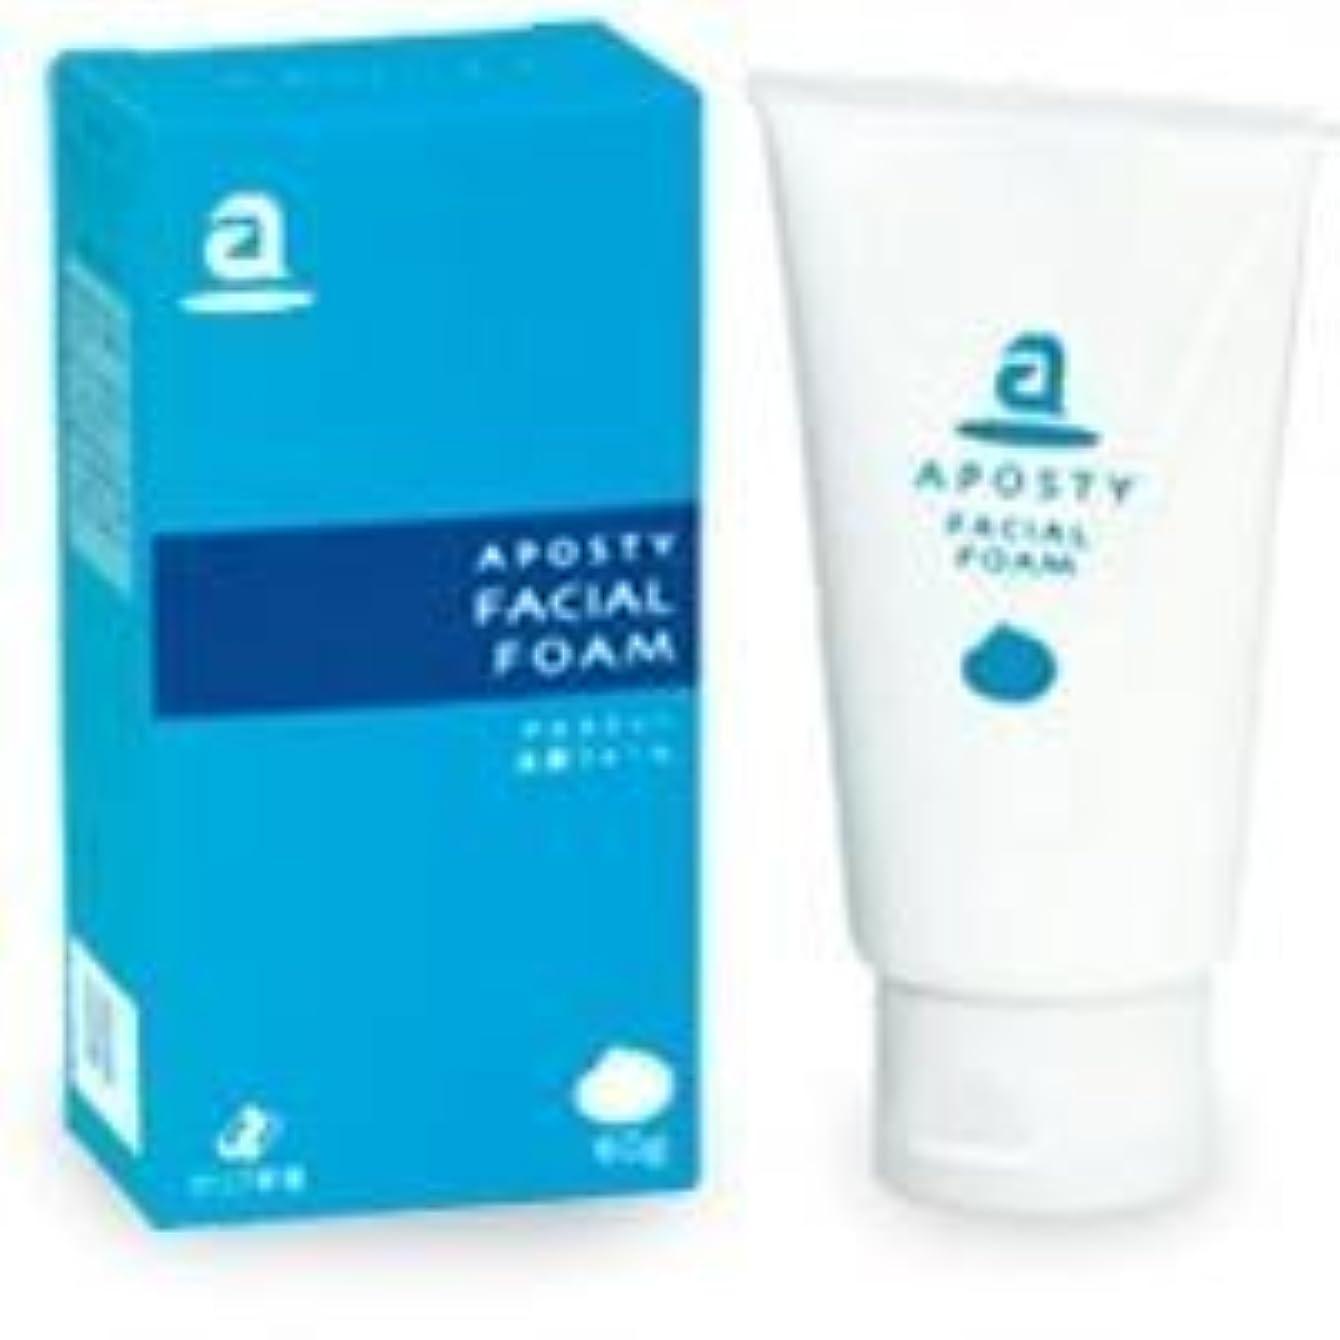 報復する自己交じるゼリア新薬 アポスティー洗顔フォーム120g